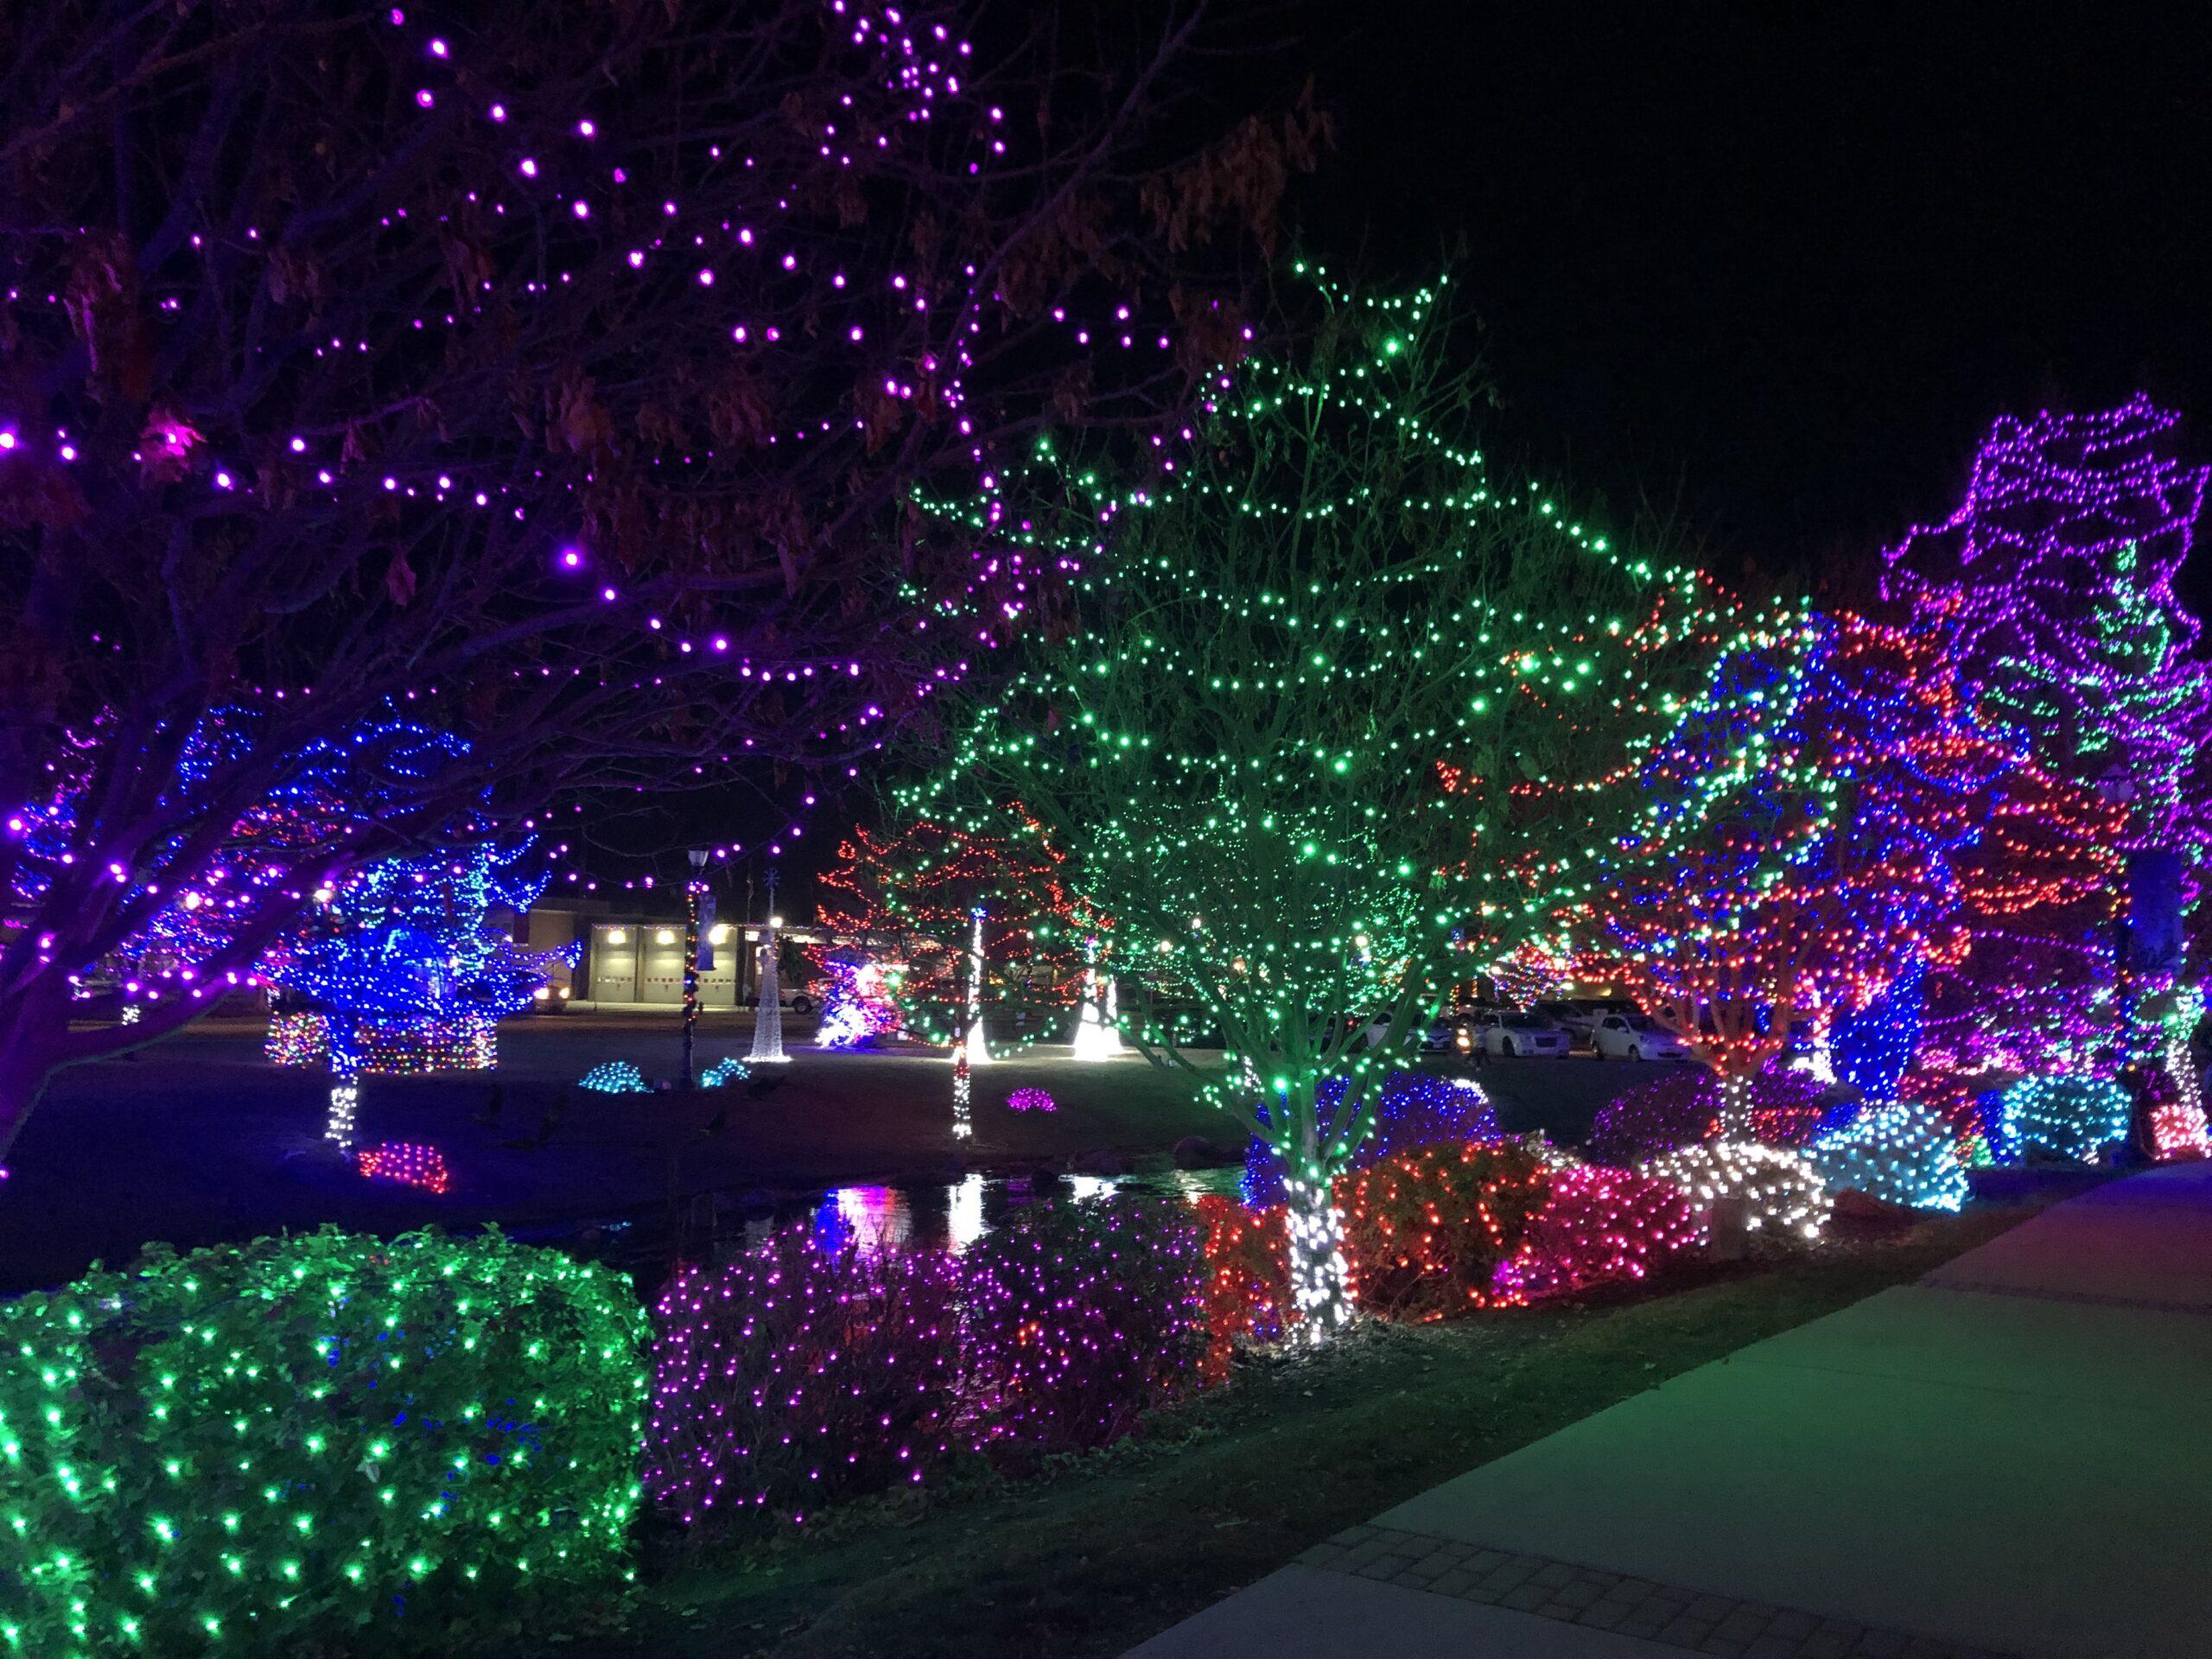 Lights trees